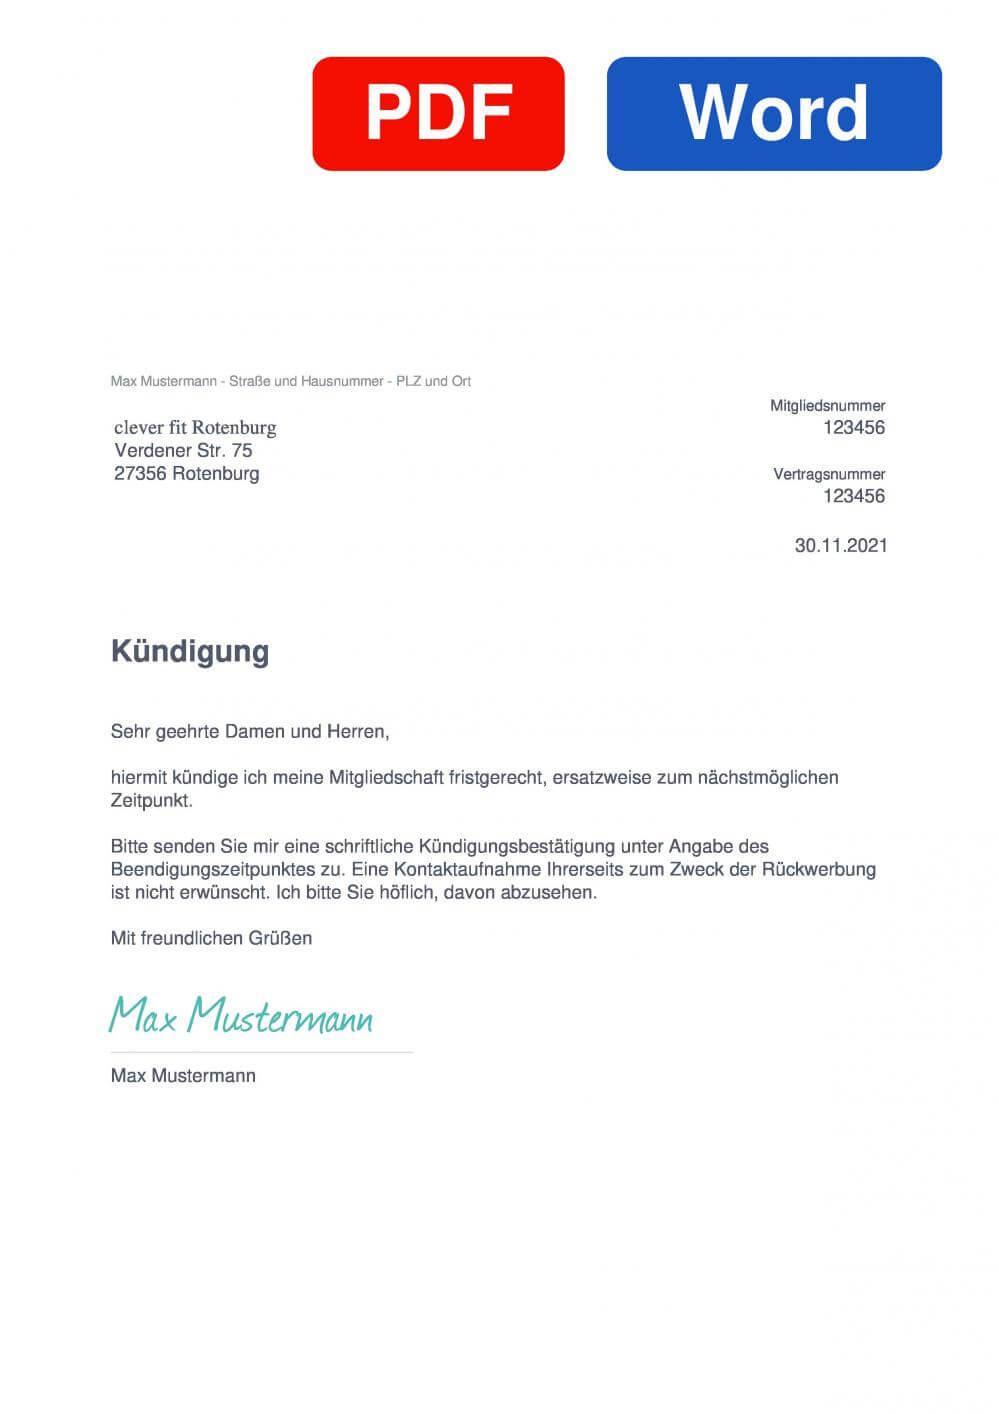 Clever Fit Rotenburg Muster Vorlage für Kündigungsschreiben